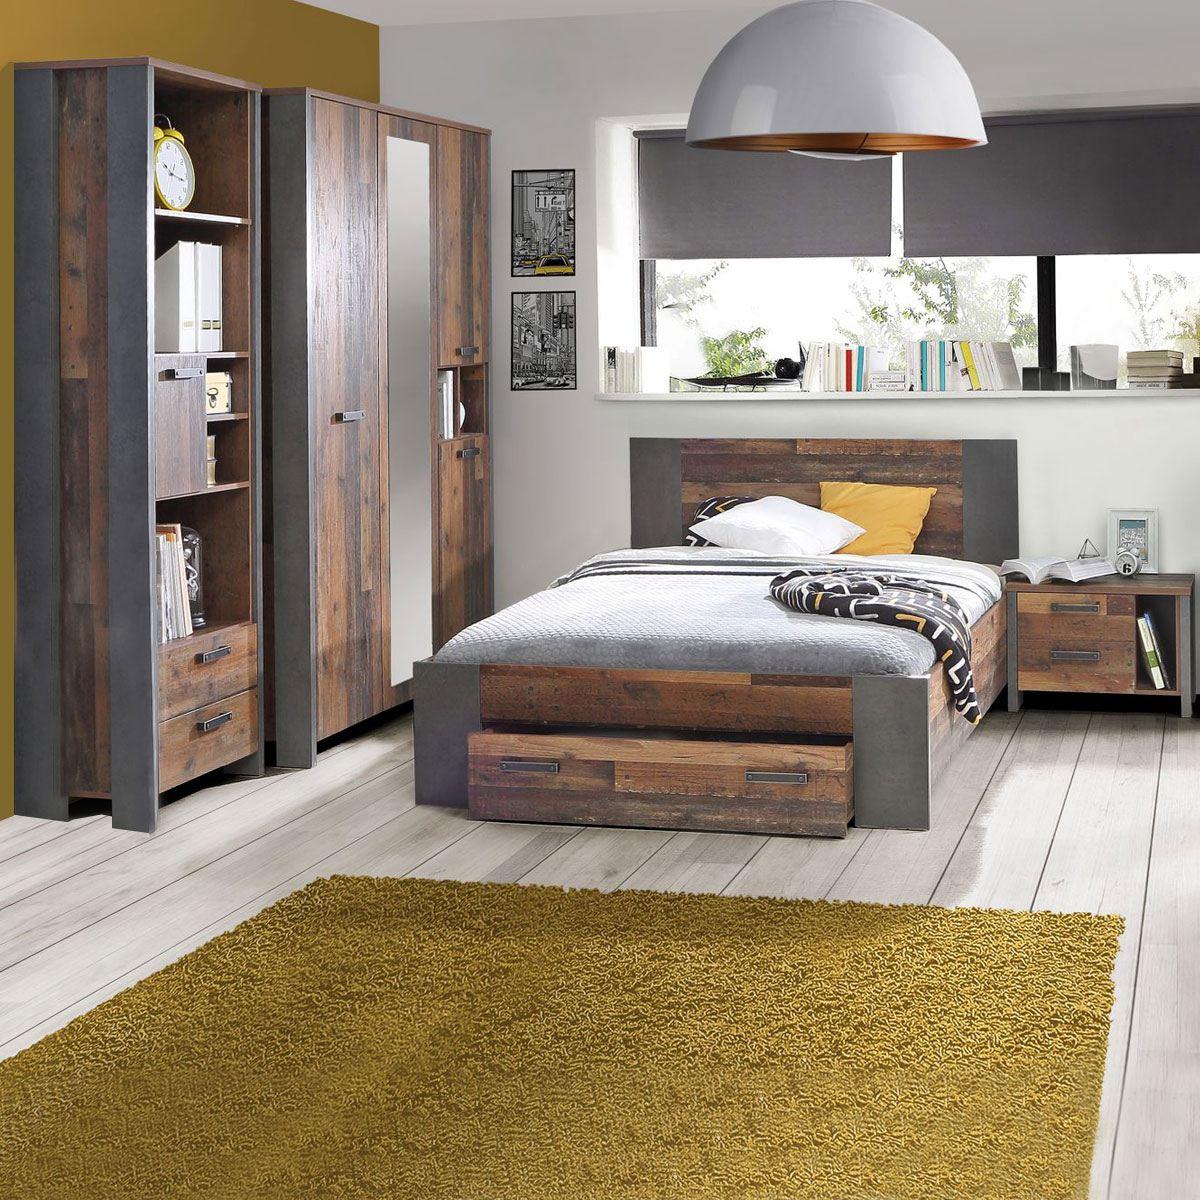 Forte clif jugendzimmer bett kleiderschrank regal nachtkommode - Kleiderschrank betonoptik ...